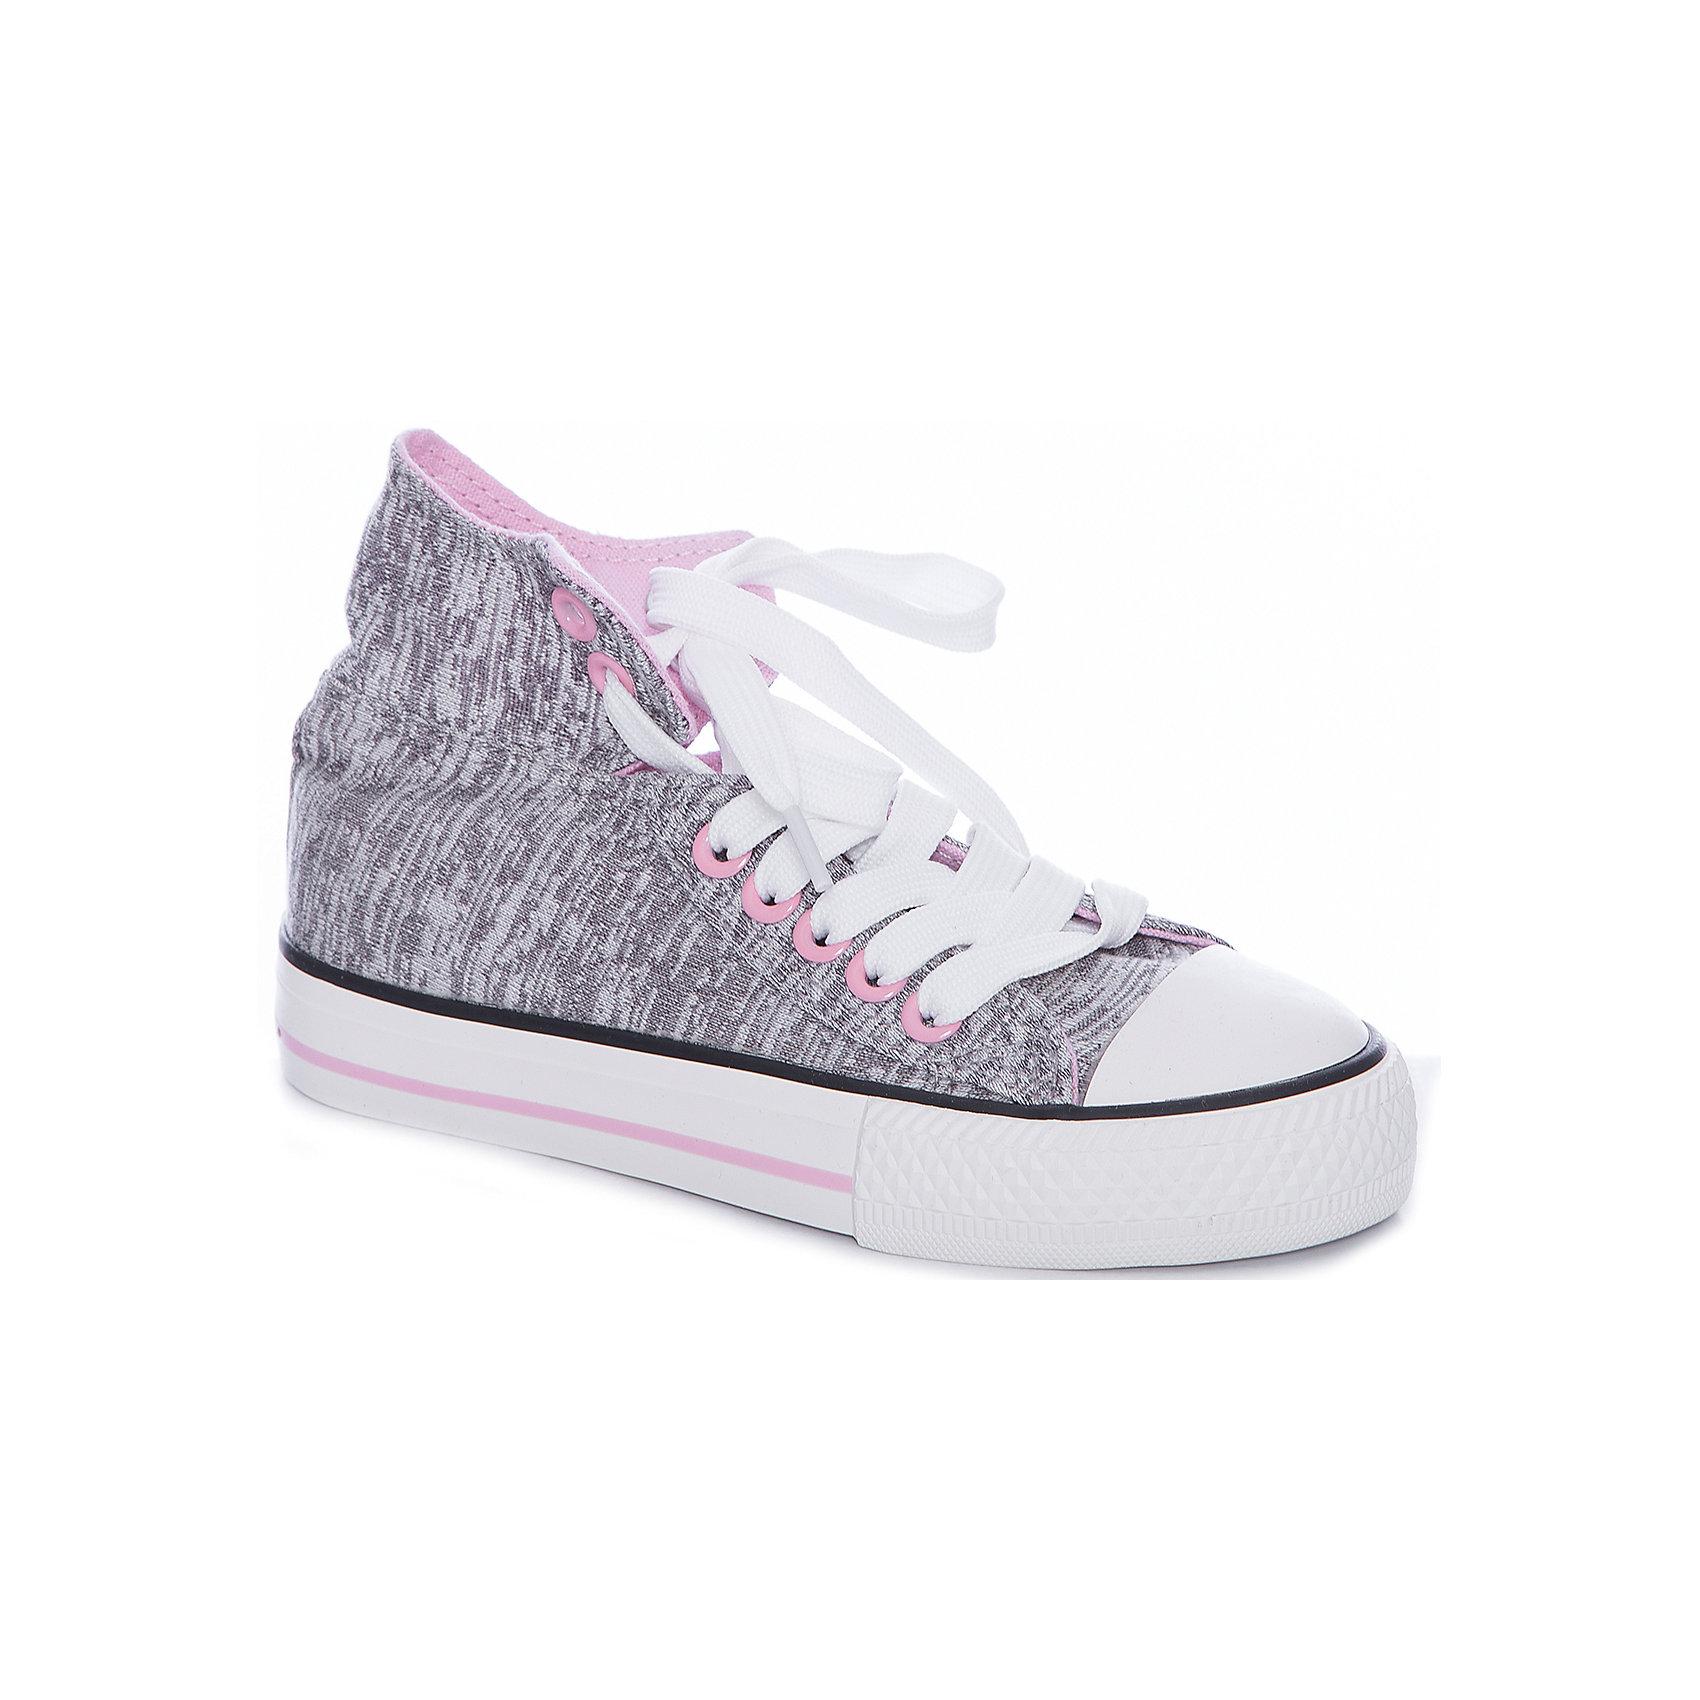 Кеды для девочки PlayTodayКеды<br>Кеды для девочки PlayToday<br>Стильные и комфортные ботинки - превосходно подходят для ежедневных прогулок. Ботинки выполнены из хлопковой ткани, которая легко поддается чистке. Легкая подошва с рифлением обеспечивает оптимальный комфорт.<br><br>Преимущества: <br><br>Подошва из гибкого, нескользящего материала<br>Рифление подошвы обеспечивает хорошее сцепление с поверхностью<br><br>Состав:<br>Верх:95%хлопок 5%полиэстер;Подкладка:100%хлопок;Подошва:100%резина<br><br>Ширина мм: 262<br>Глубина мм: 176<br>Высота мм: 97<br>Вес г: 427<br>Цвет: разноцветный<br>Возраст от месяцев: 48<br>Возраст до месяцев: 60<br>Пол: Женский<br>Возраст: Детский<br>Размер: 28,34,29,30,31,32,33<br>SKU: 5404611